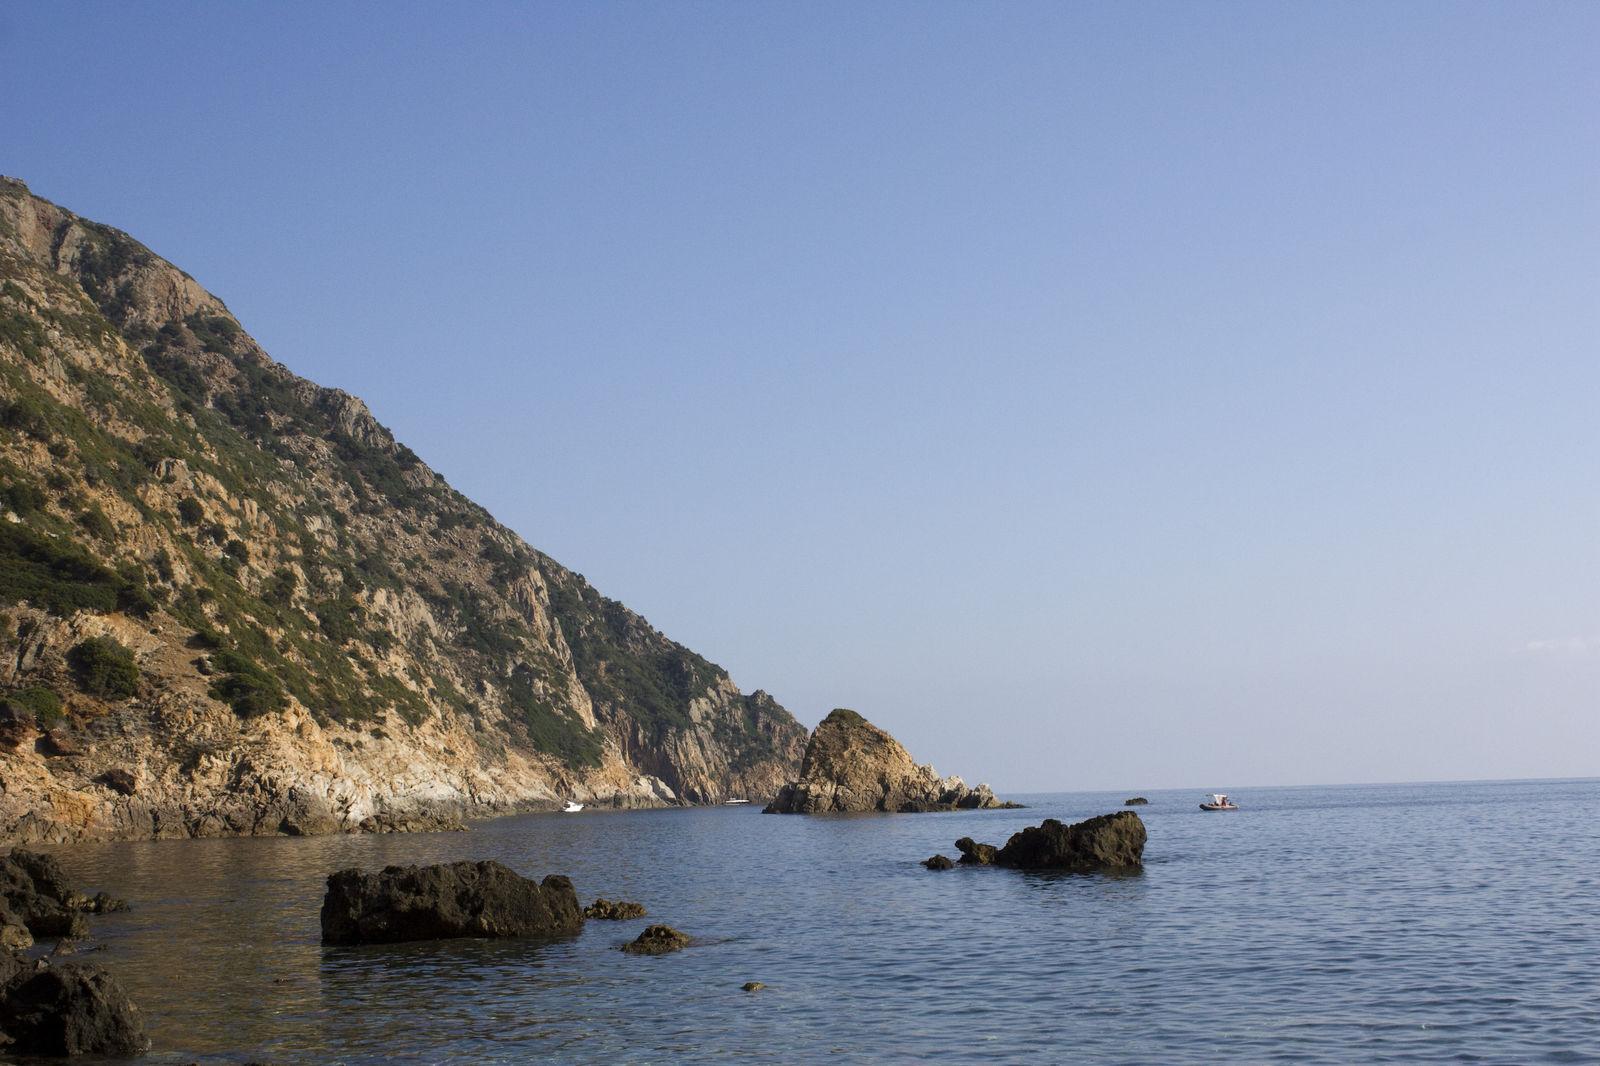 Isola del Giglio - The legend of Saint Mamilian